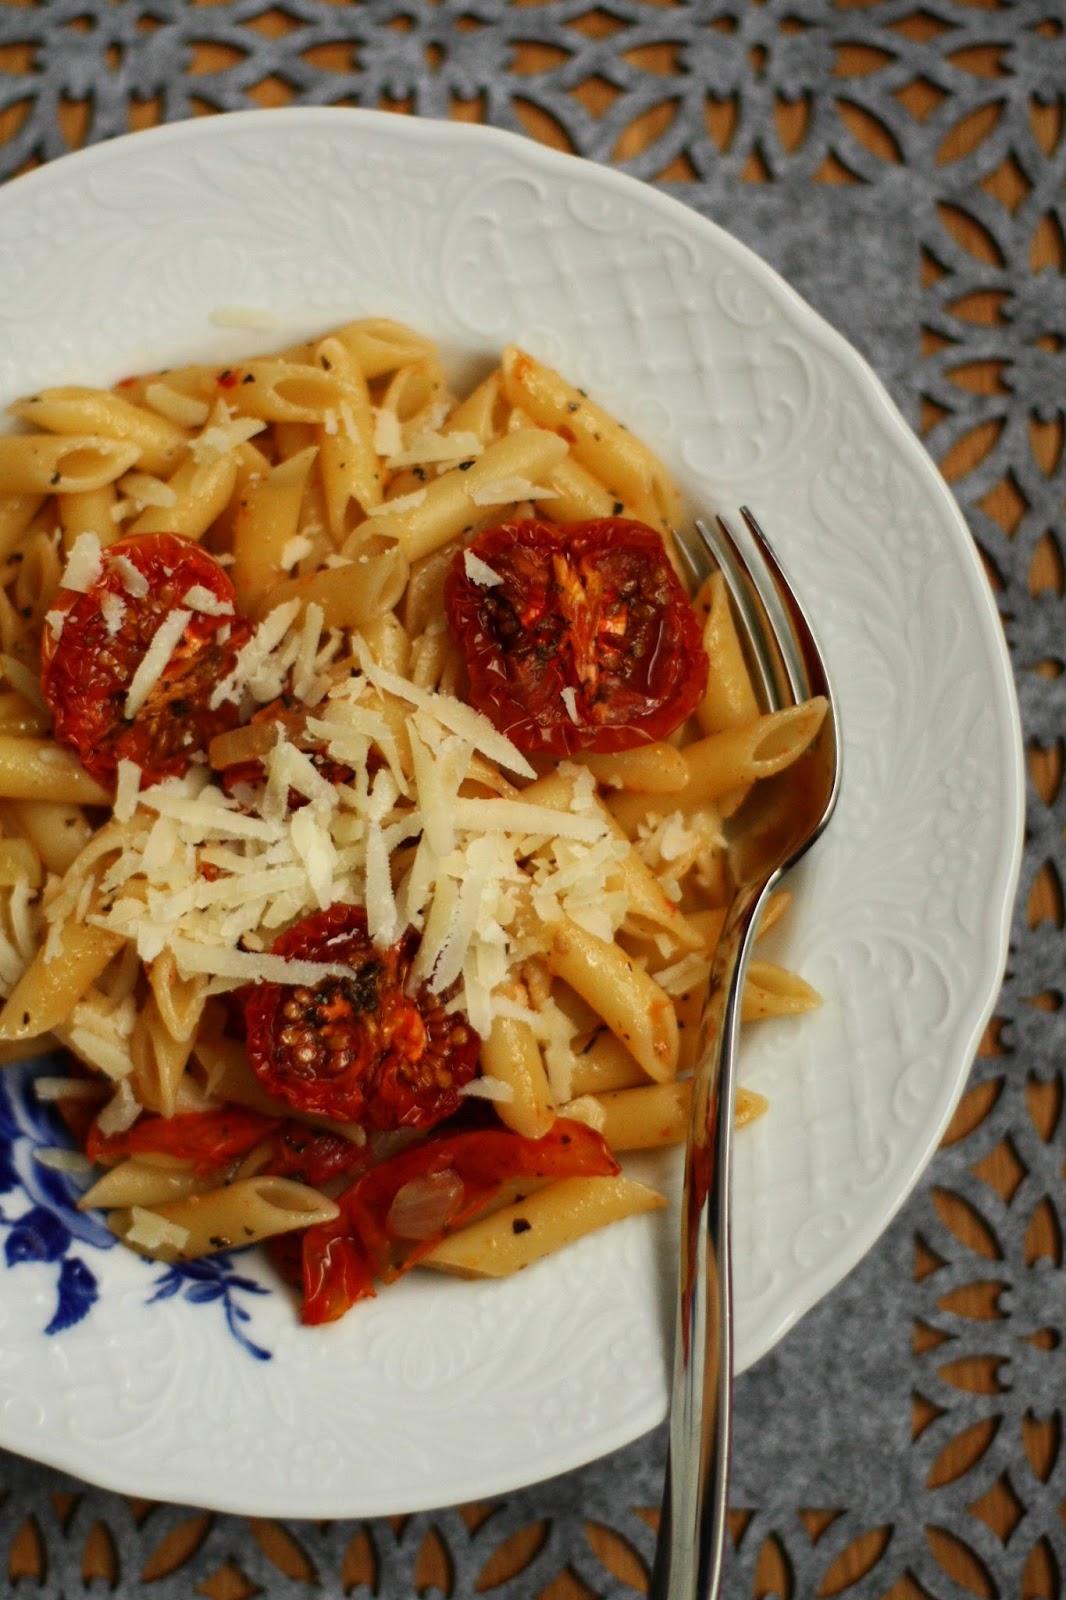 uunitomaattipasta mallaspulla tomaatti pasta